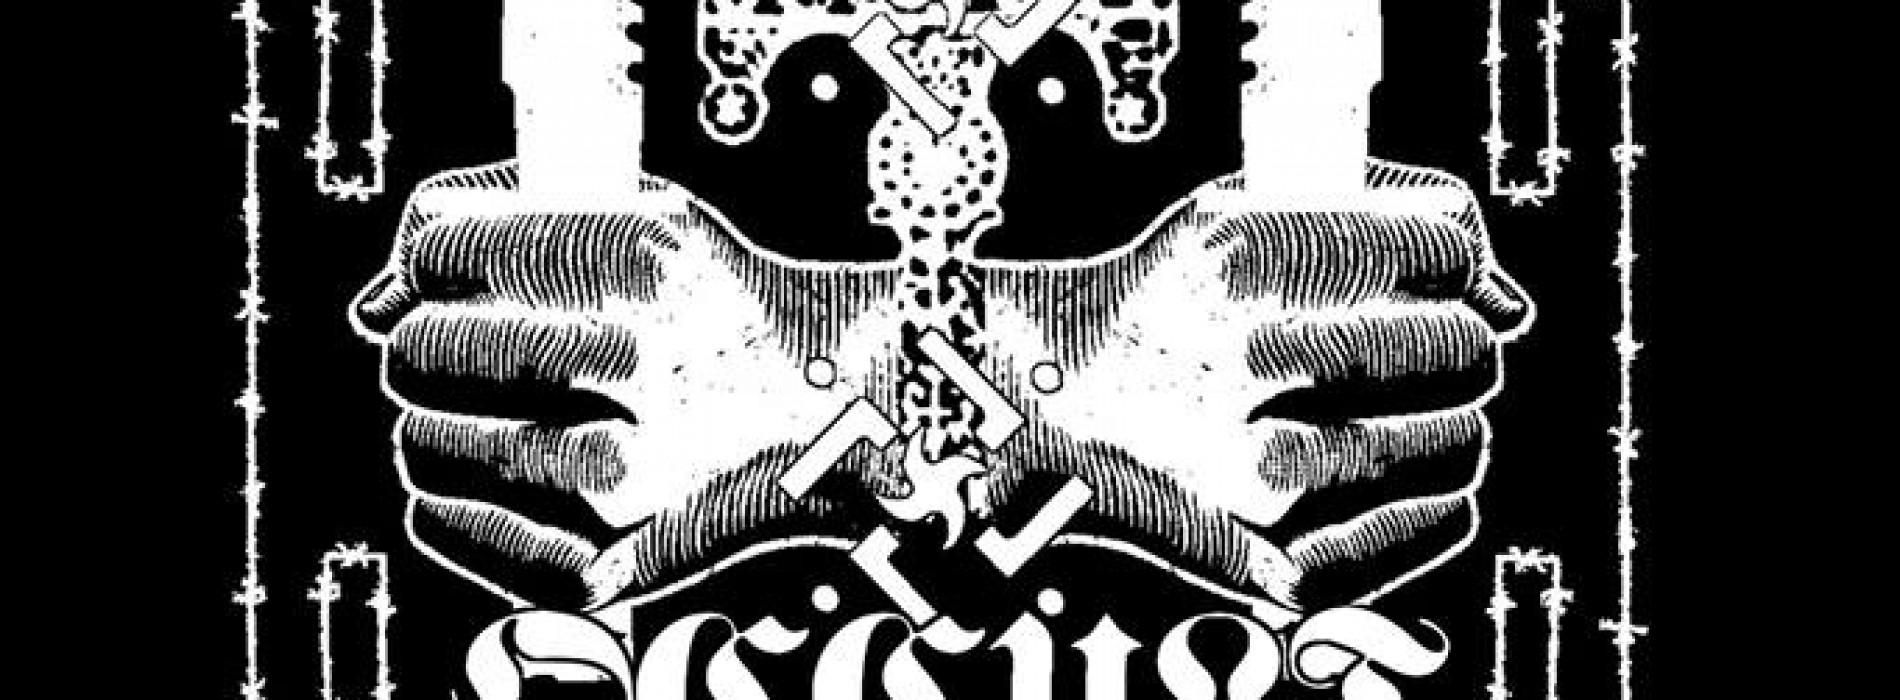 OCCULT DEATH RITUAL II 2014